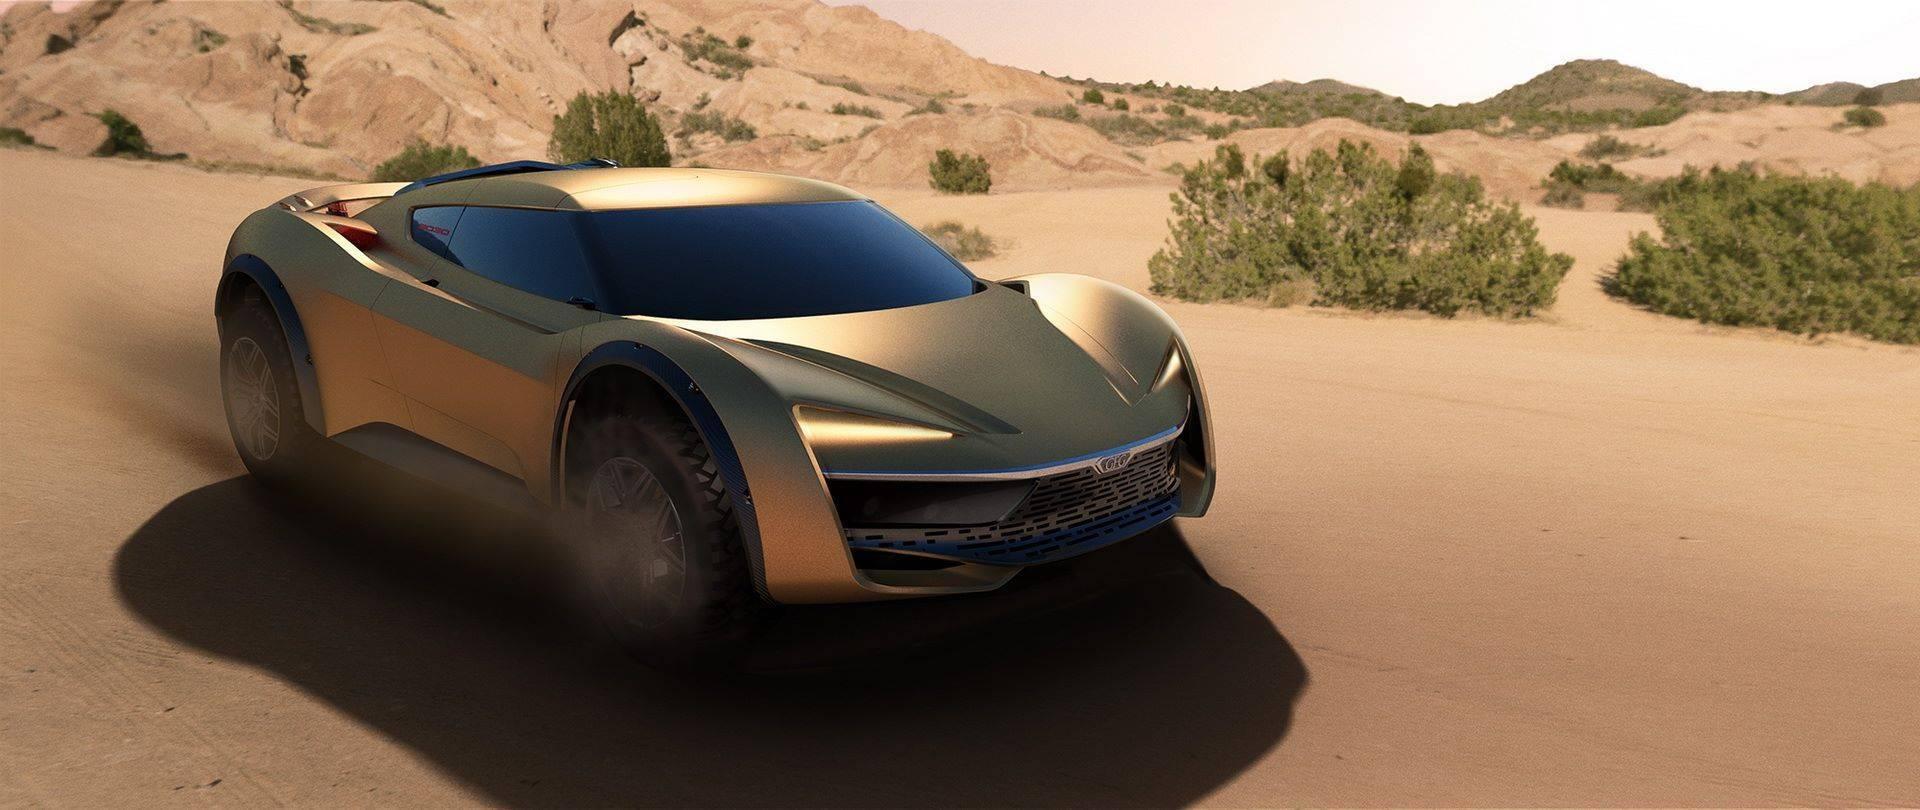 gfg-style-vision-2030-desert-raid-15